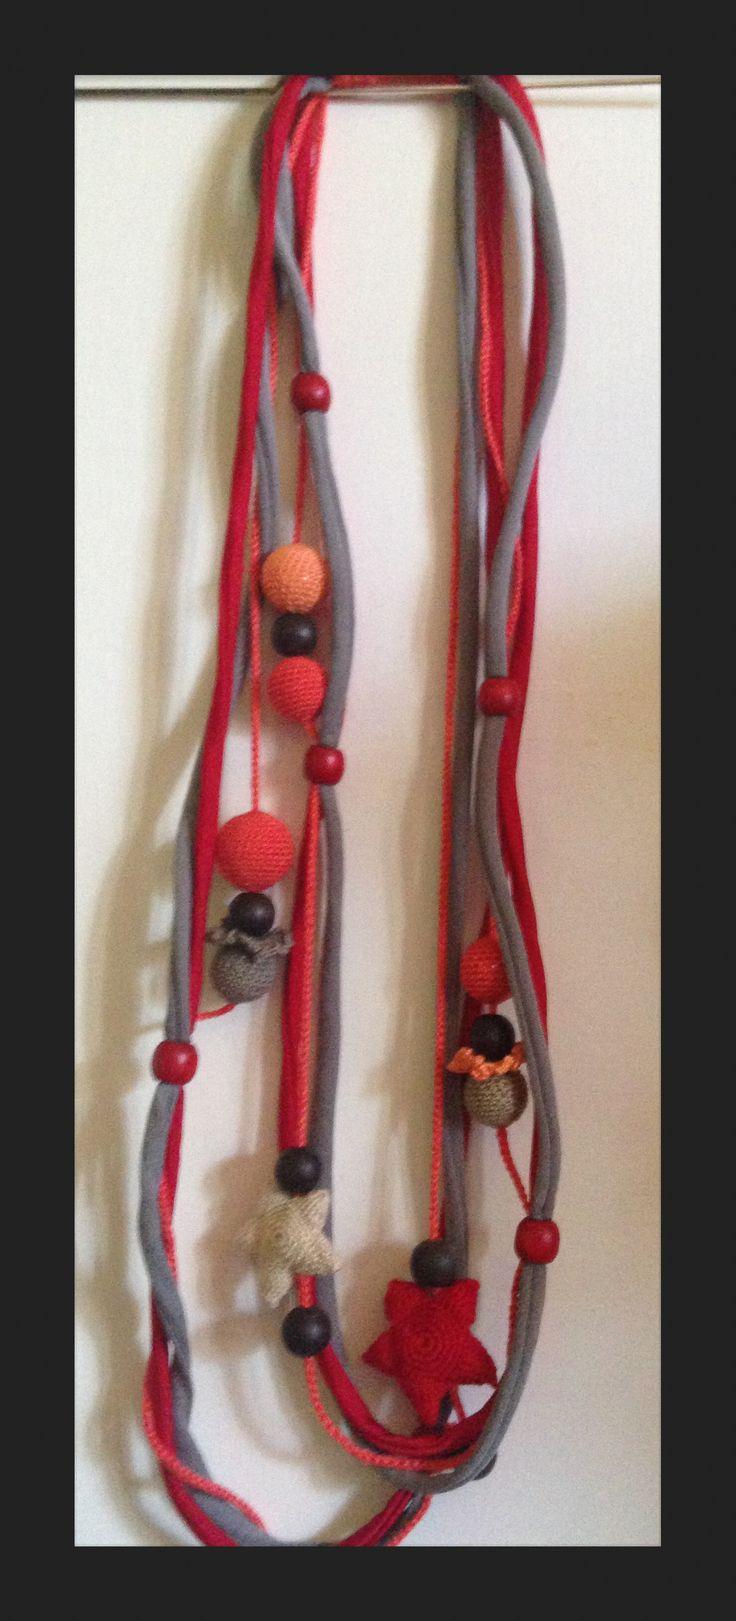 La mia prima collana di fettuccia e uncinetto con palline di legno colorate.